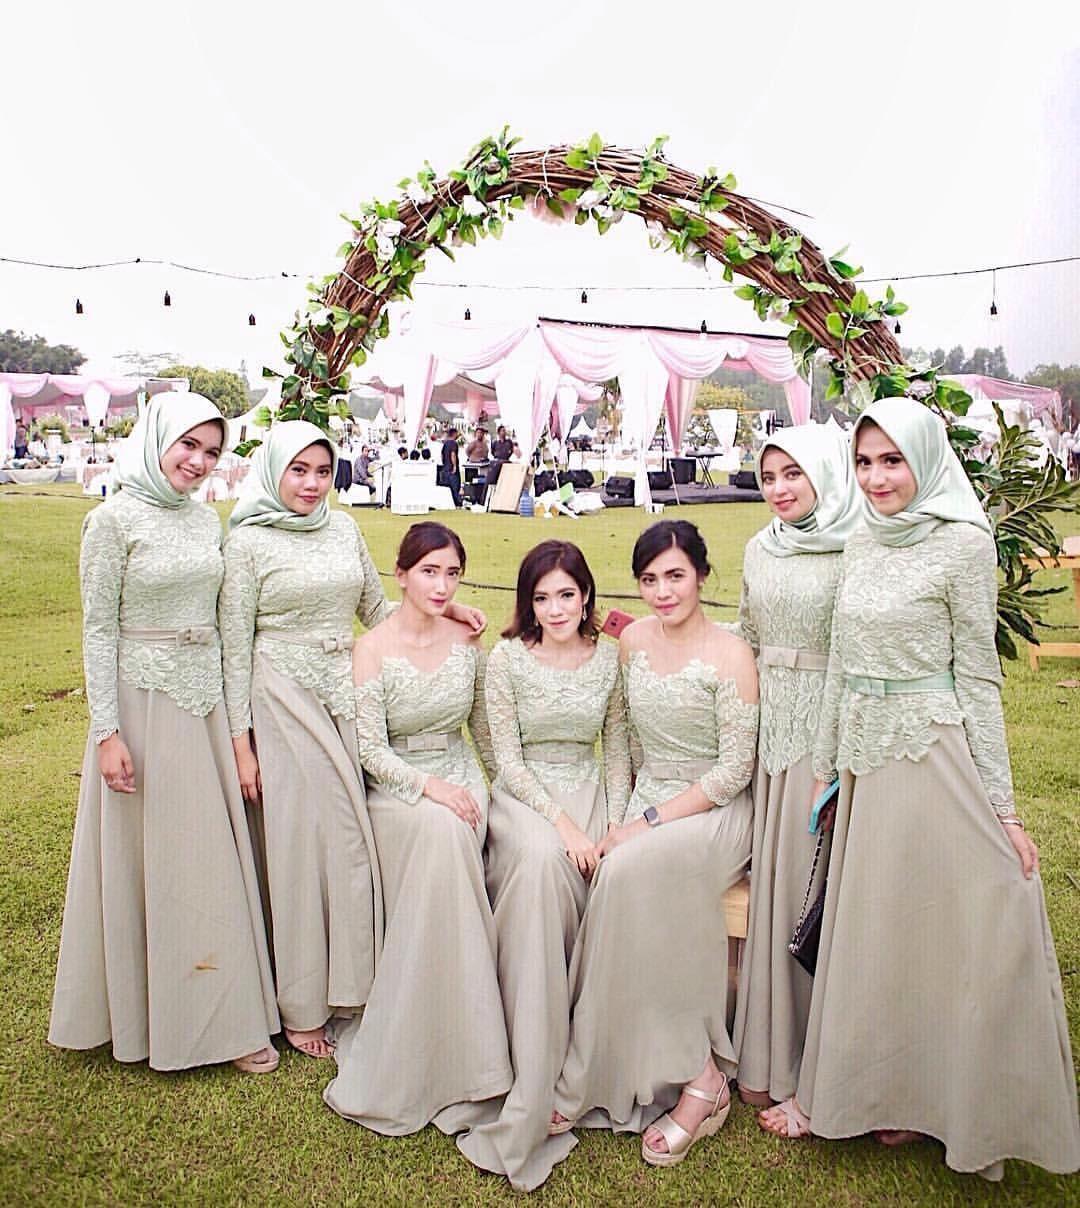 Inspired by @annairawati  Pakaian pengiring pengantin, Pakaian